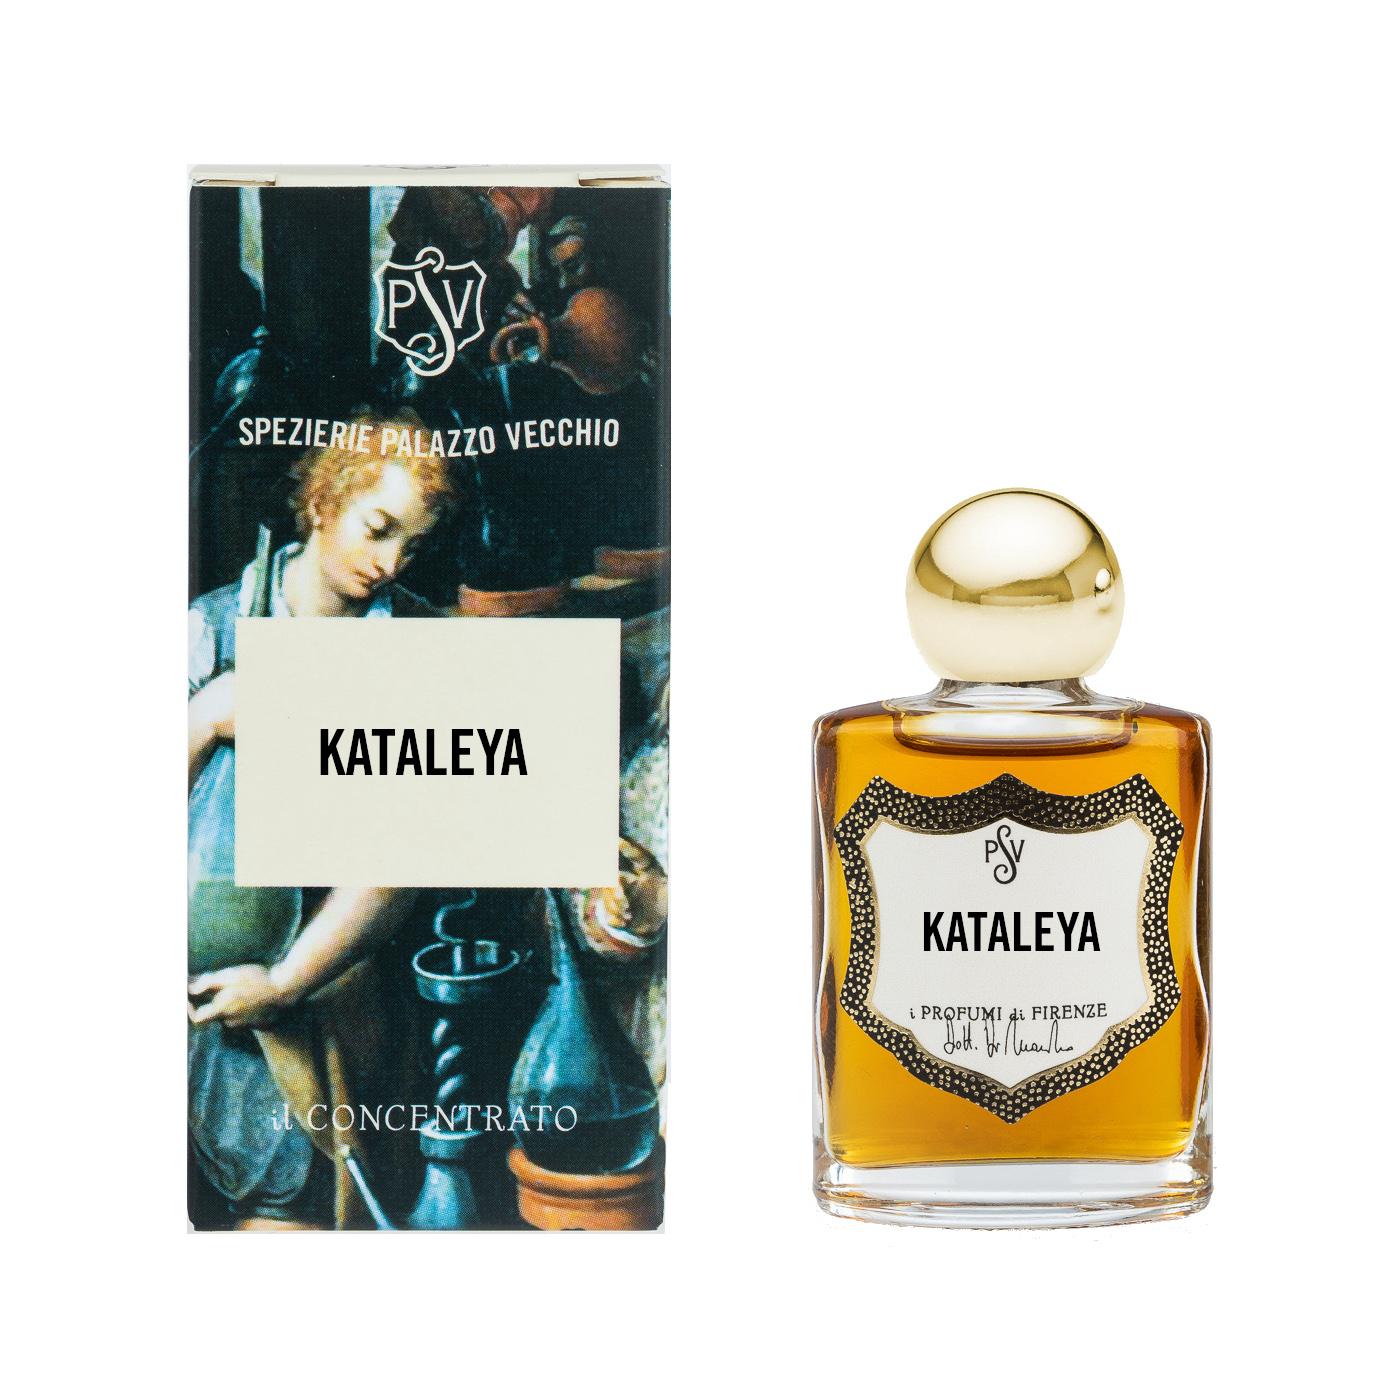 KATALEYA - Il Concentrato-3845